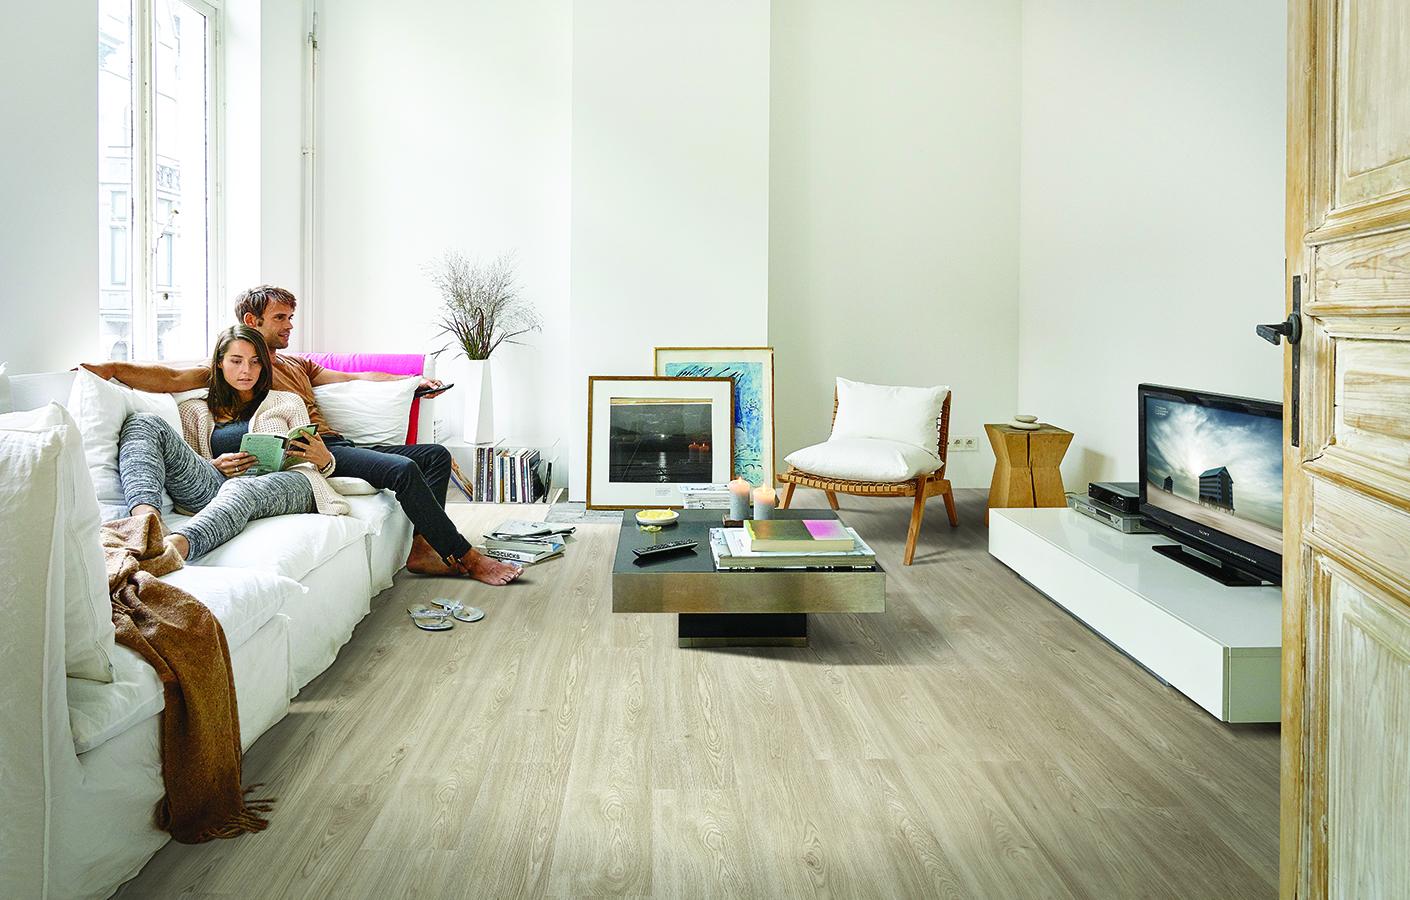 wie wählt man den besten bodenbelag für das wohnzimmer aus